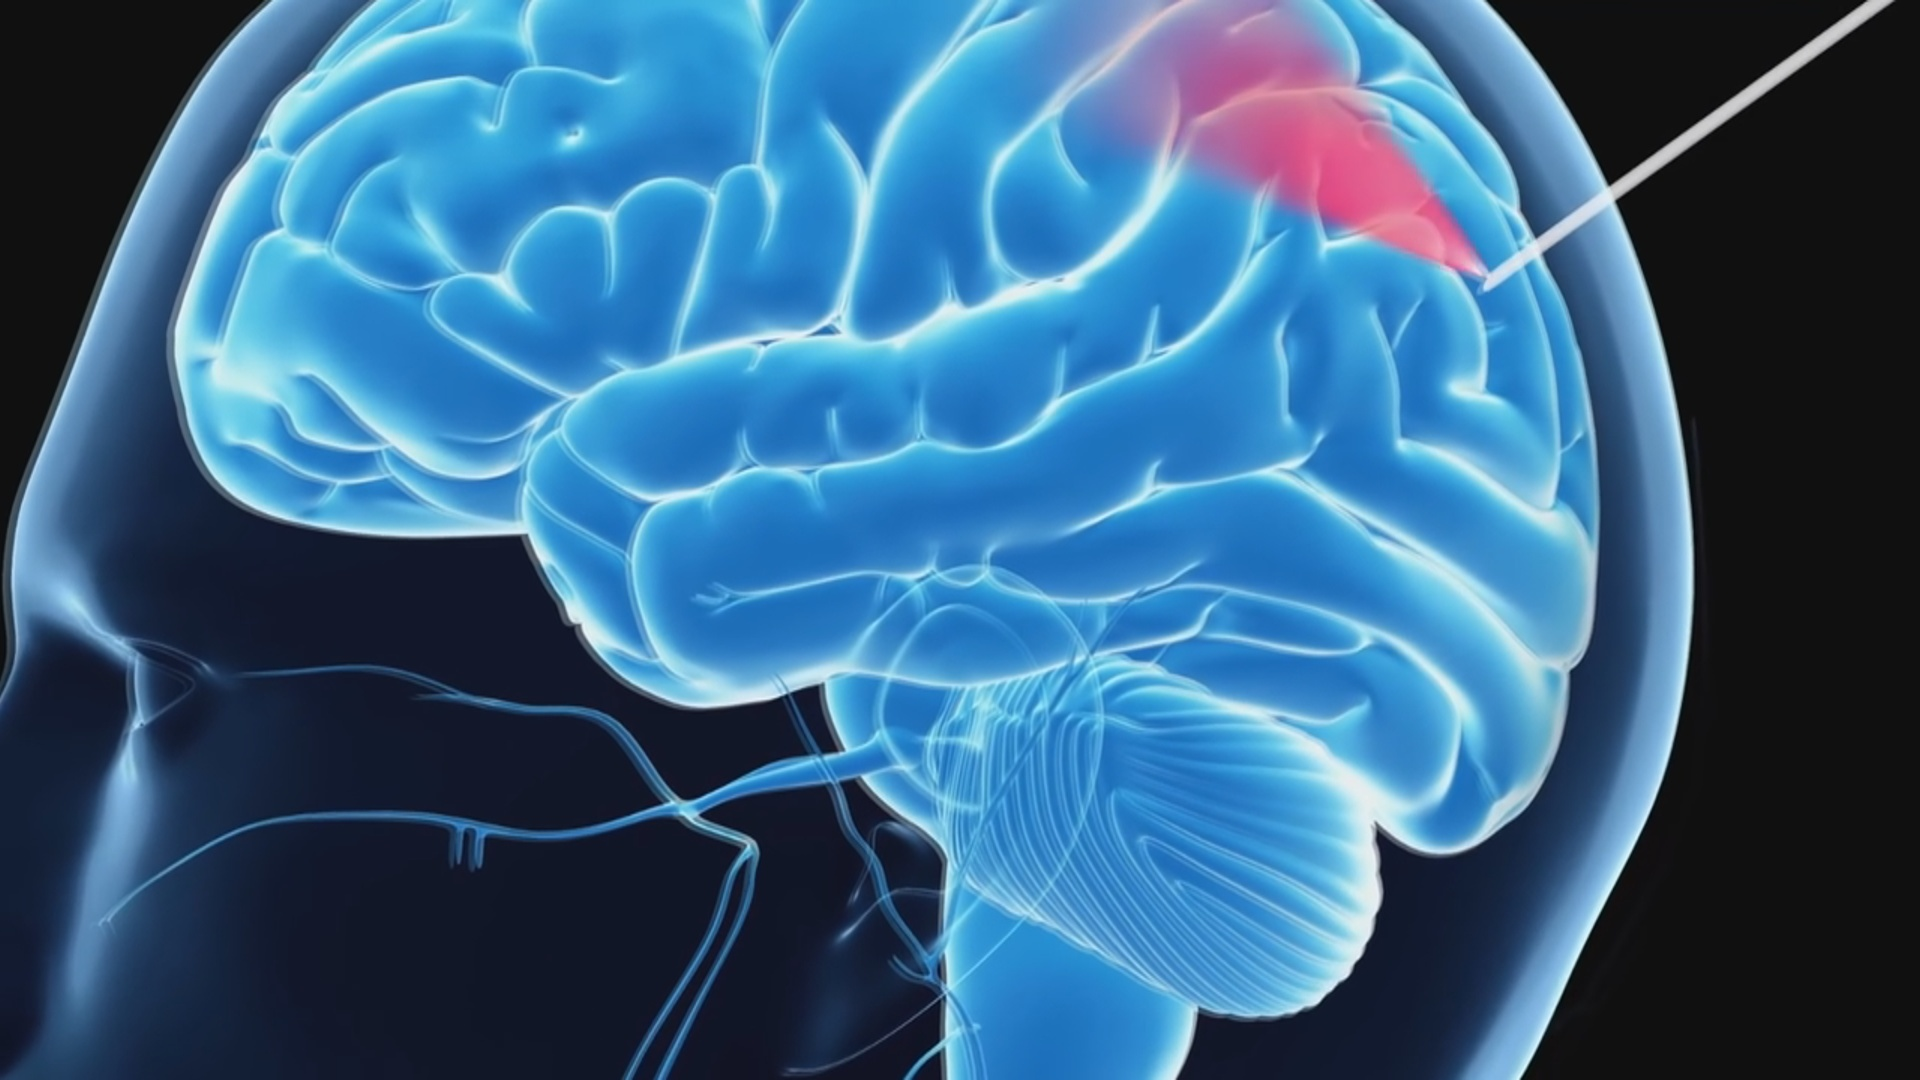 """Kameralı """"ağıllı"""" iynə beyin biopsiyasını daha təhlükəsiz şəkildə həyata keçirməyə imkan verir"""